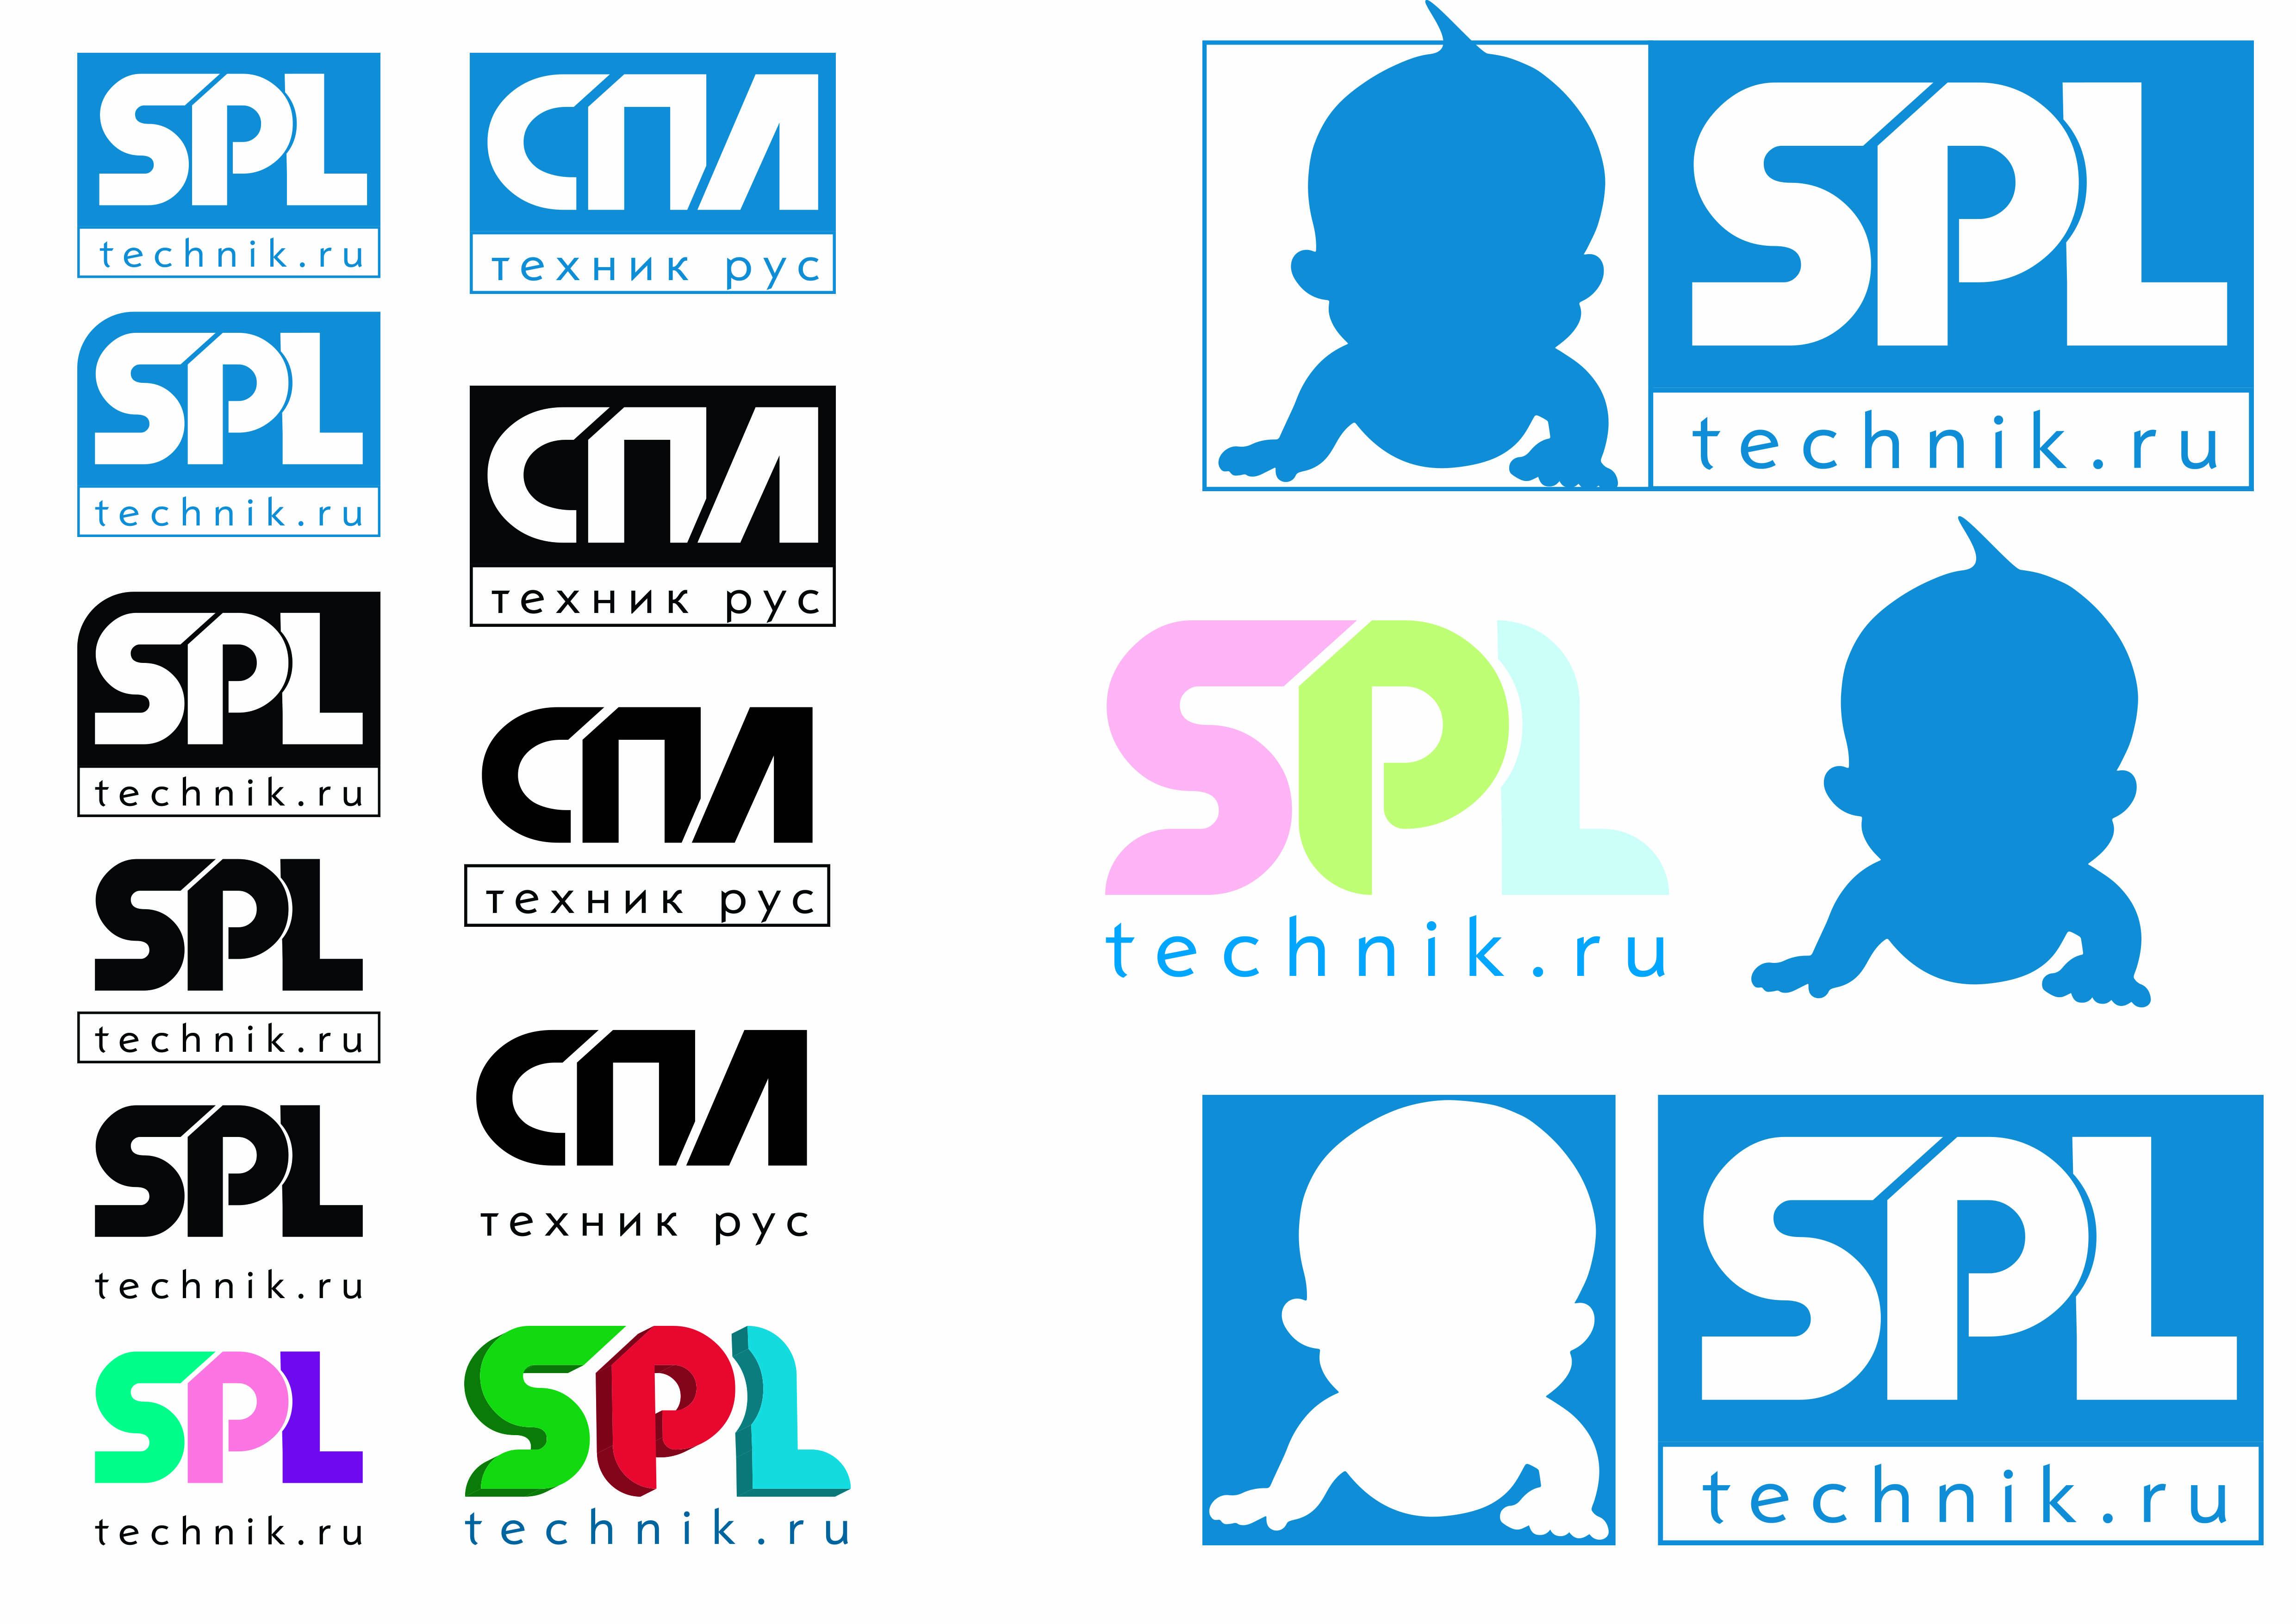 Разработка логотипа и фирменного стиля фото f_2485994890be486b.jpg